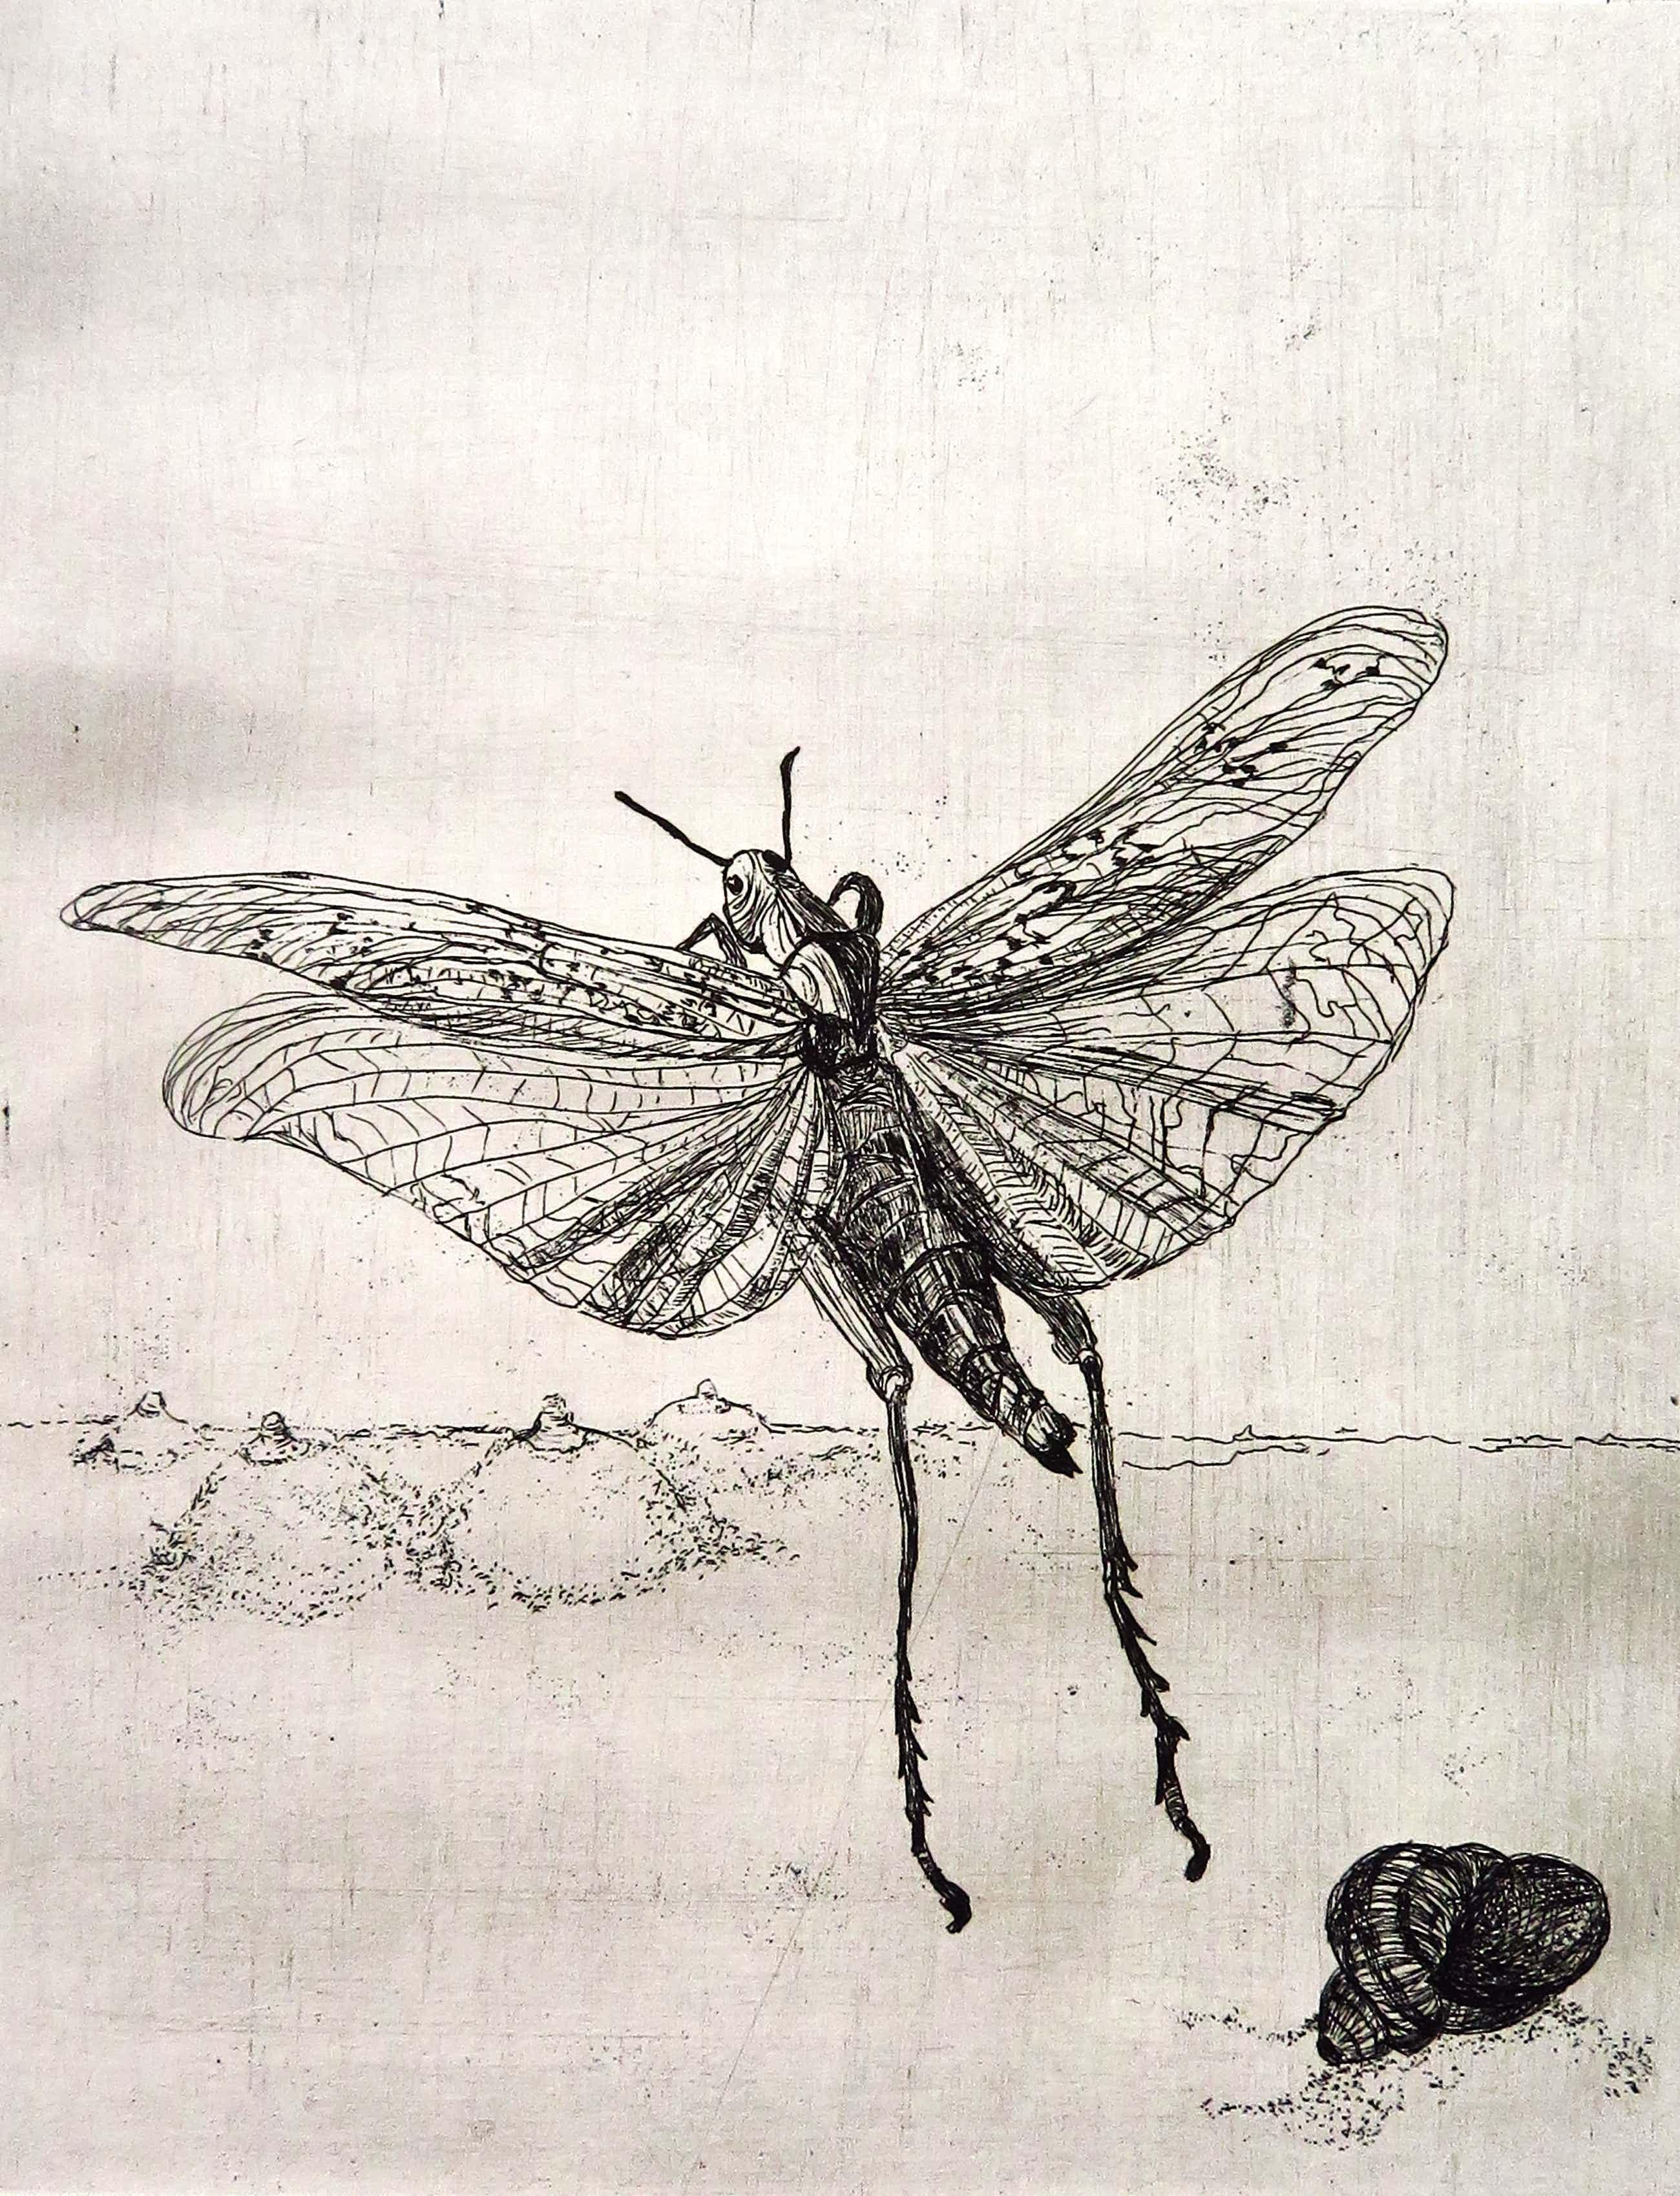 Marijke Hertog - Vliegende krekel met slak kopen? Bied vanaf 25!